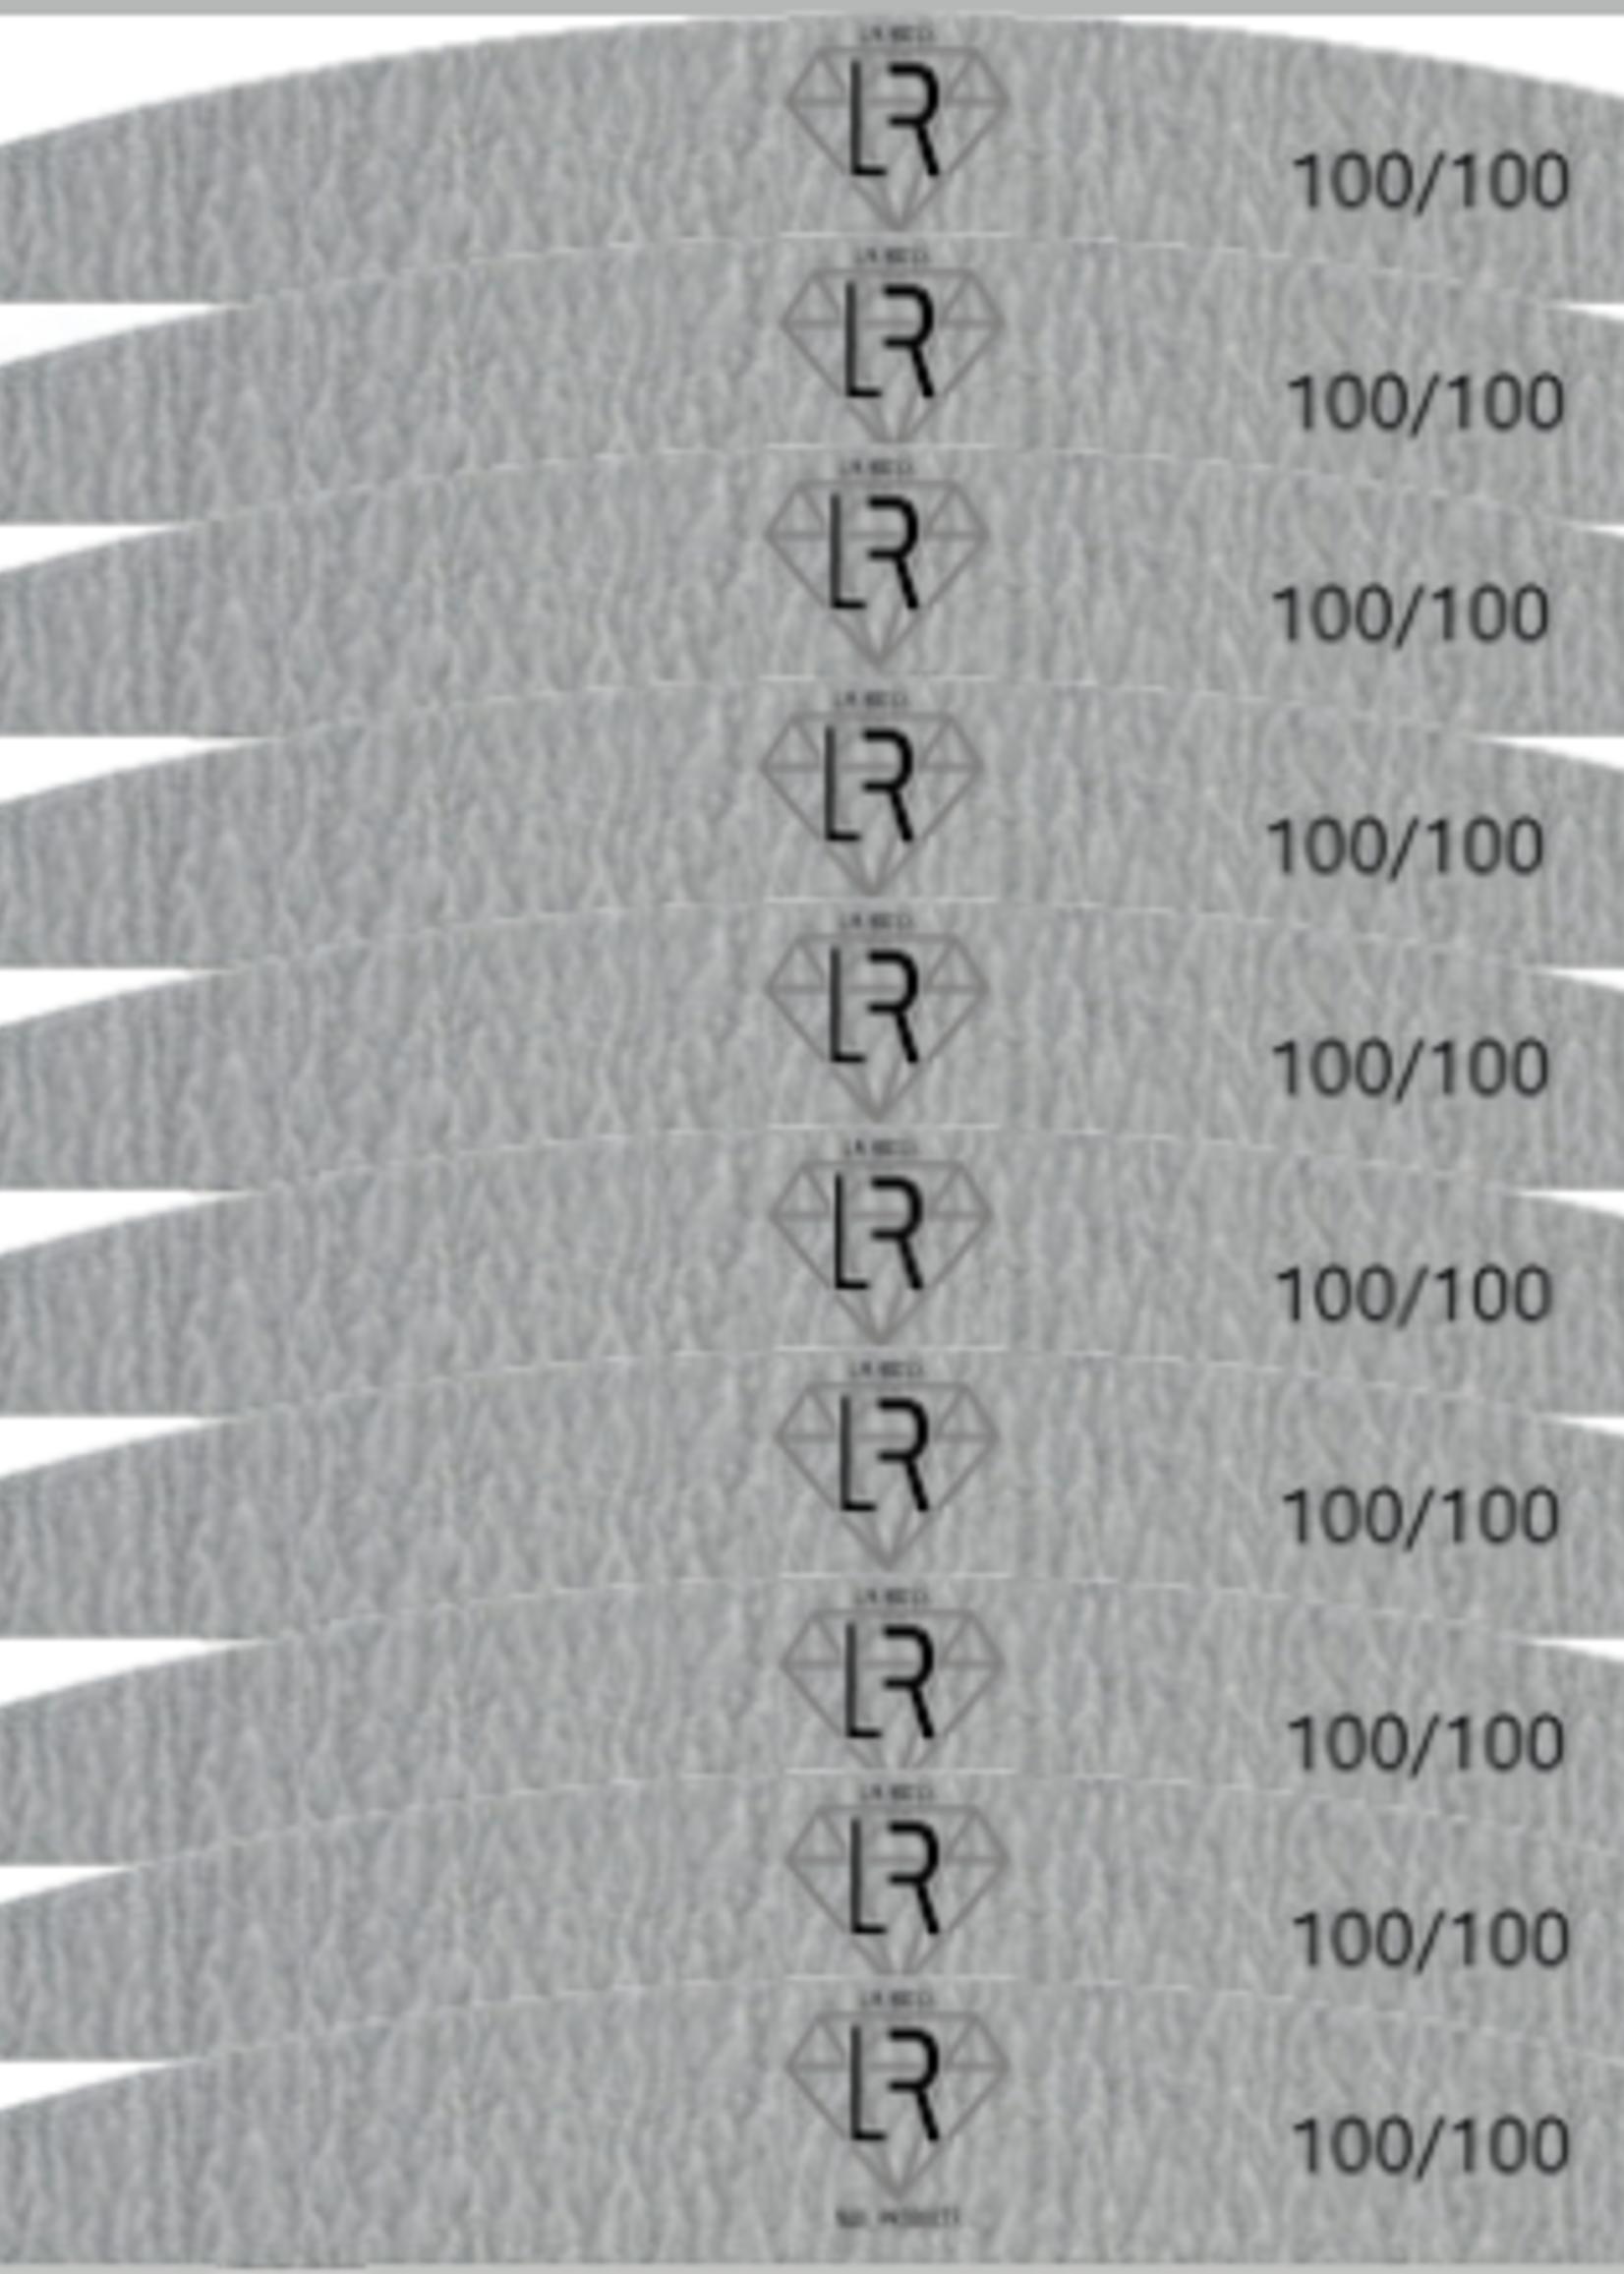 La Ross LR Half Moon Vijl 100/100